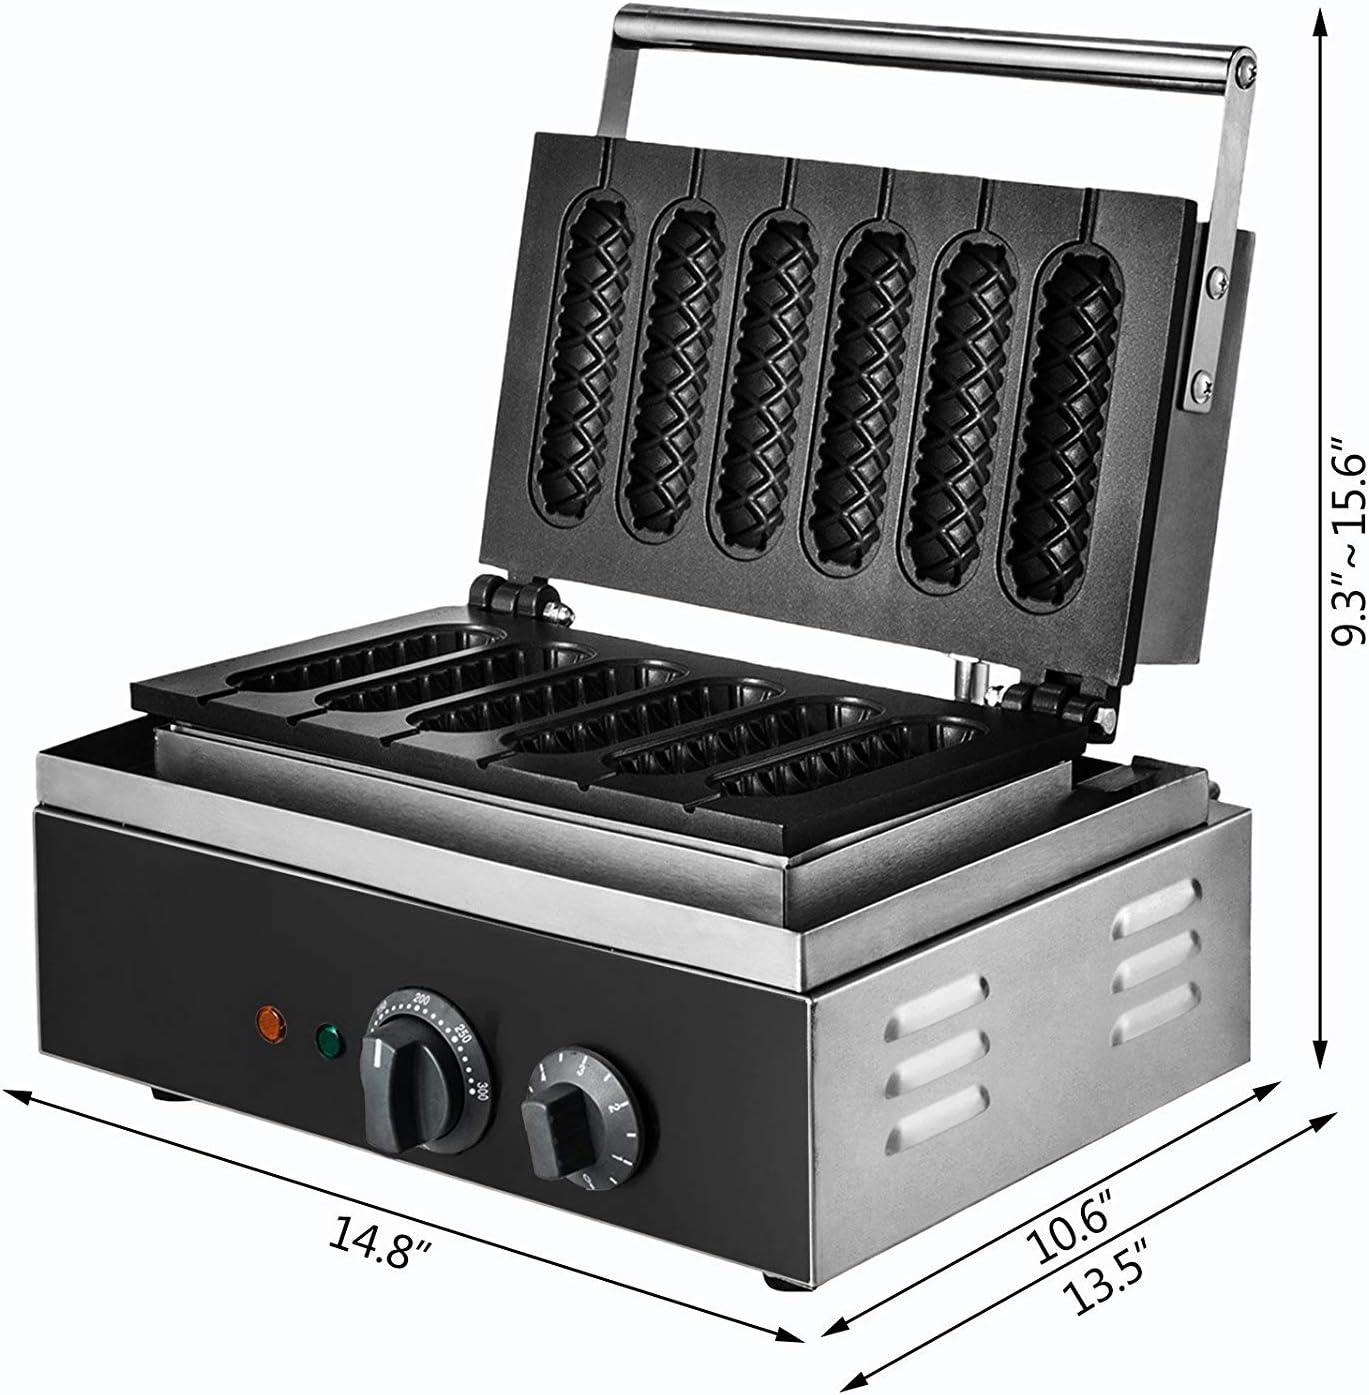 Buoqua SC-118 Wafelijzer, 1500 W, 6 stuks, lolly wafelijzer voor wafels maken en sausage zaden (SC-118) Sc-118.